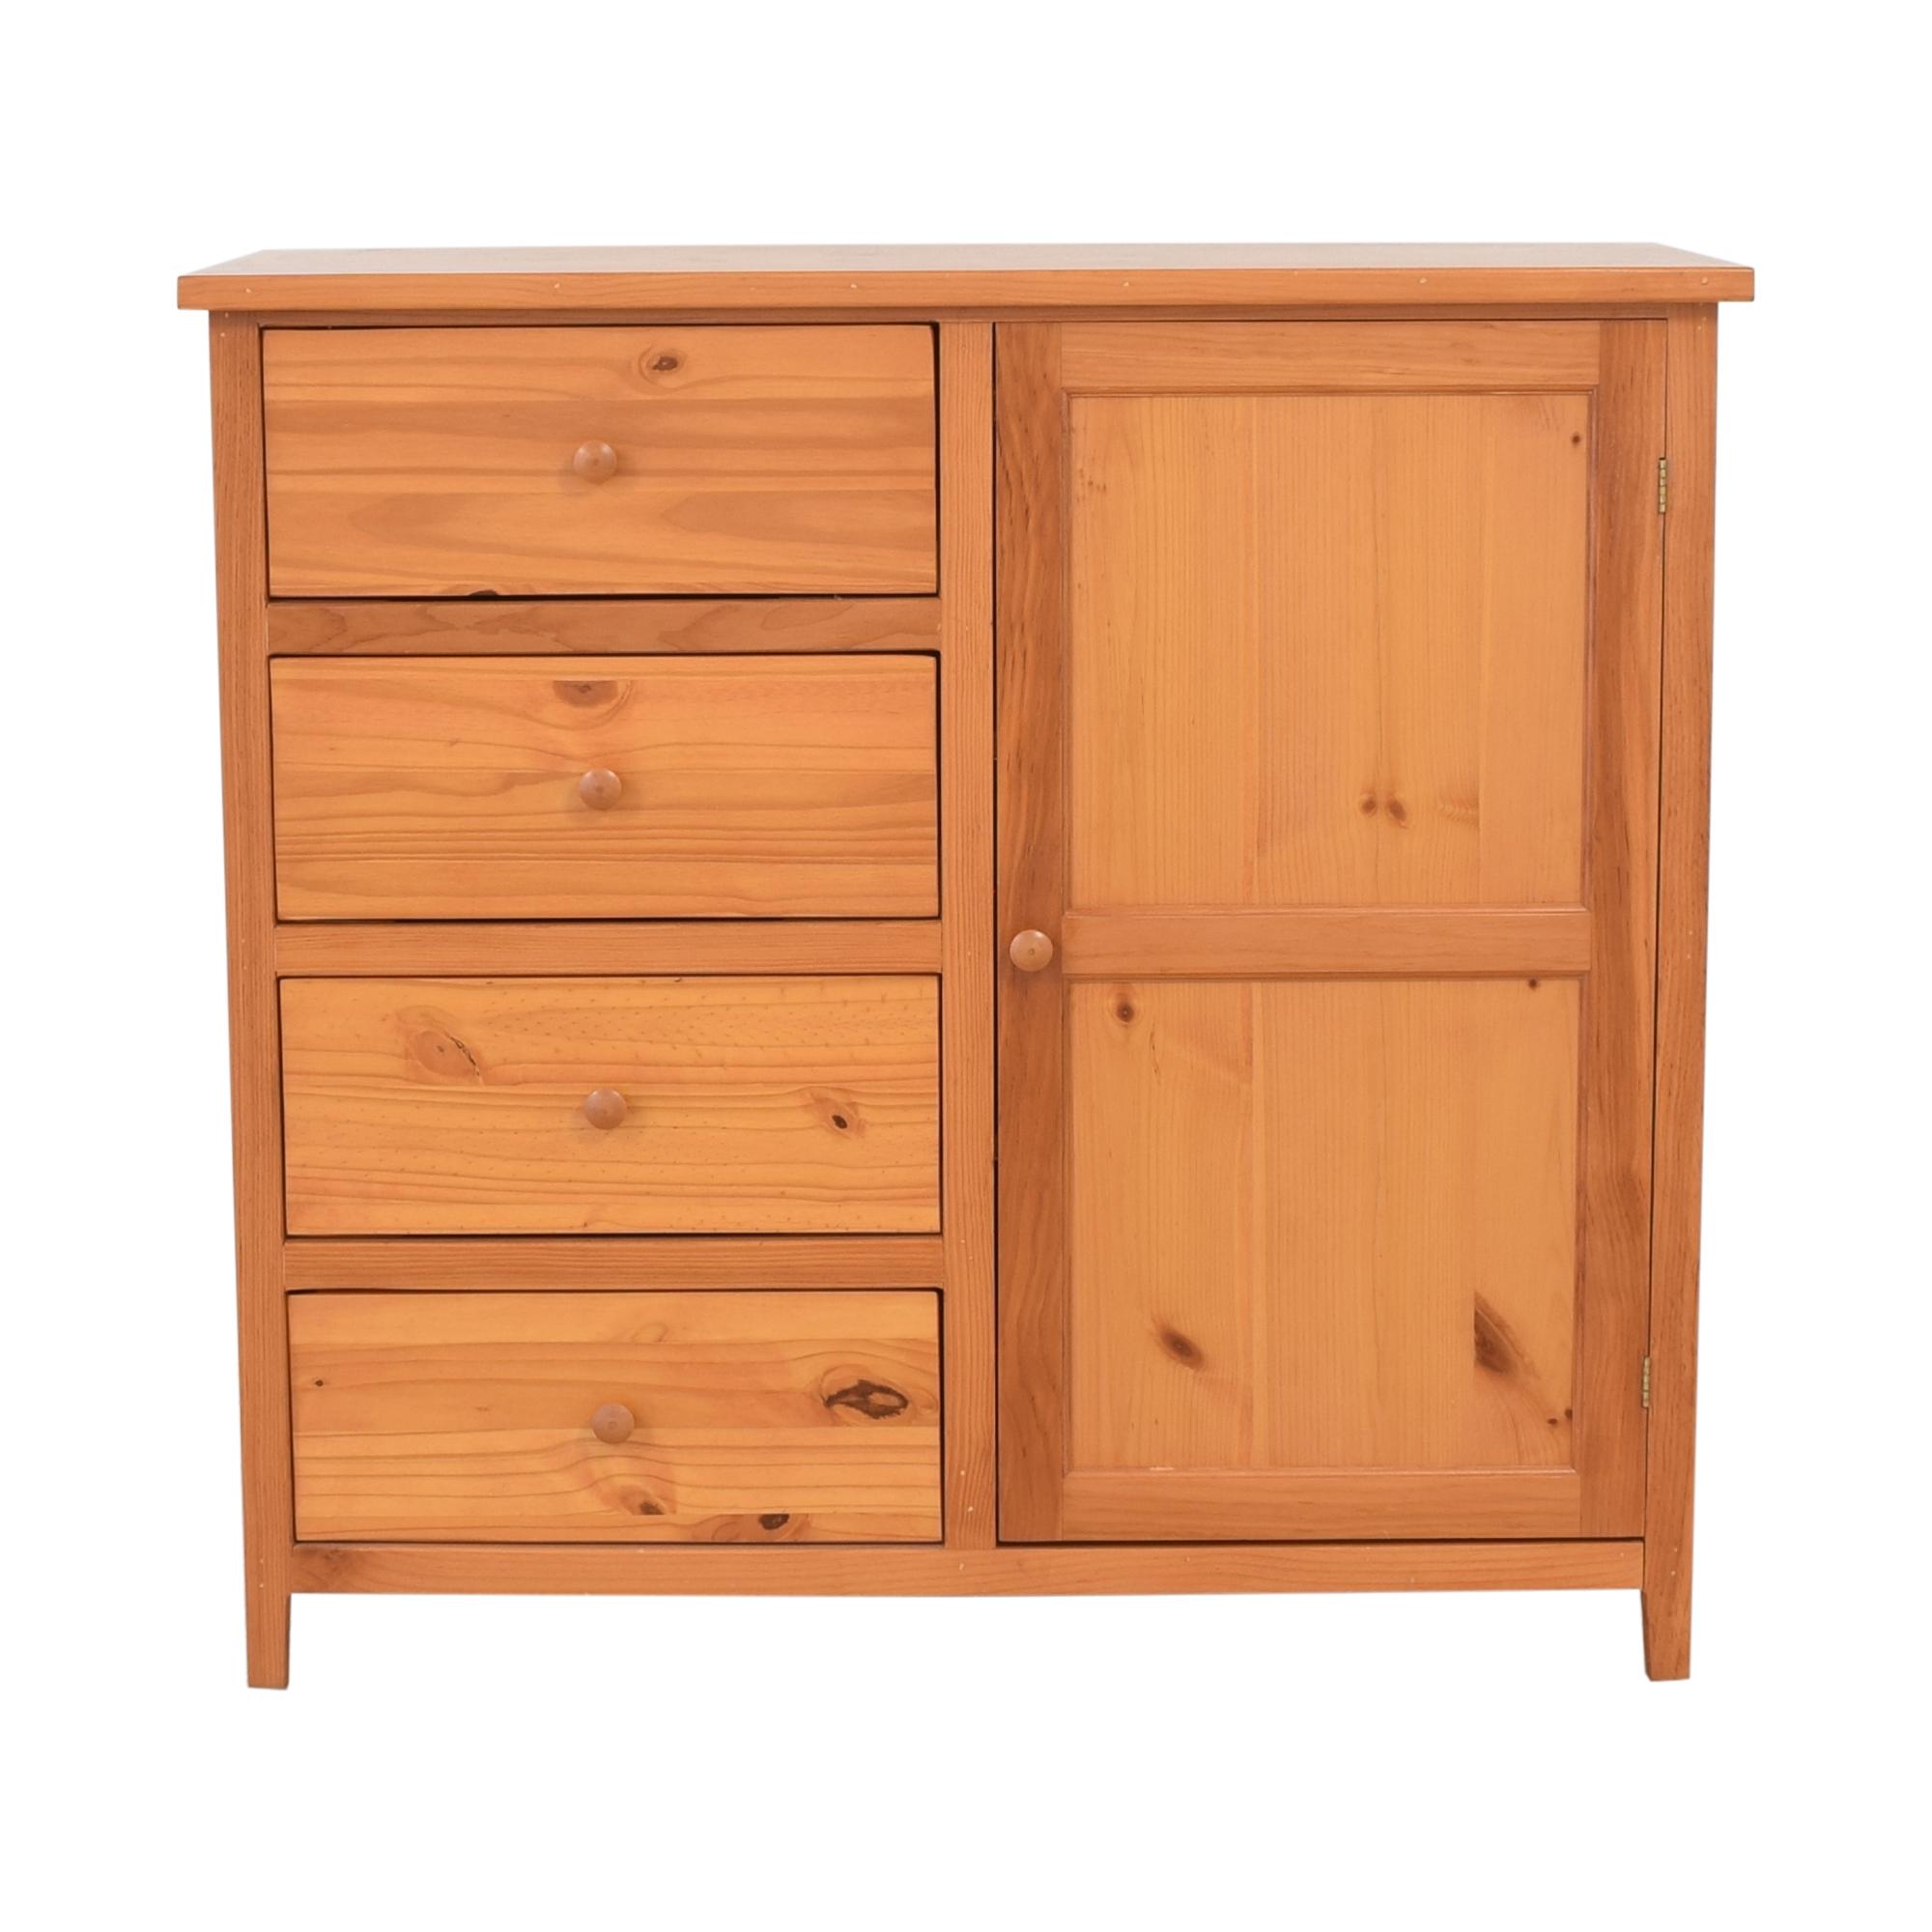 Gothic Cabinet Craft Gothic Cabinet Craft Four Drawer One Door Dresser for sale